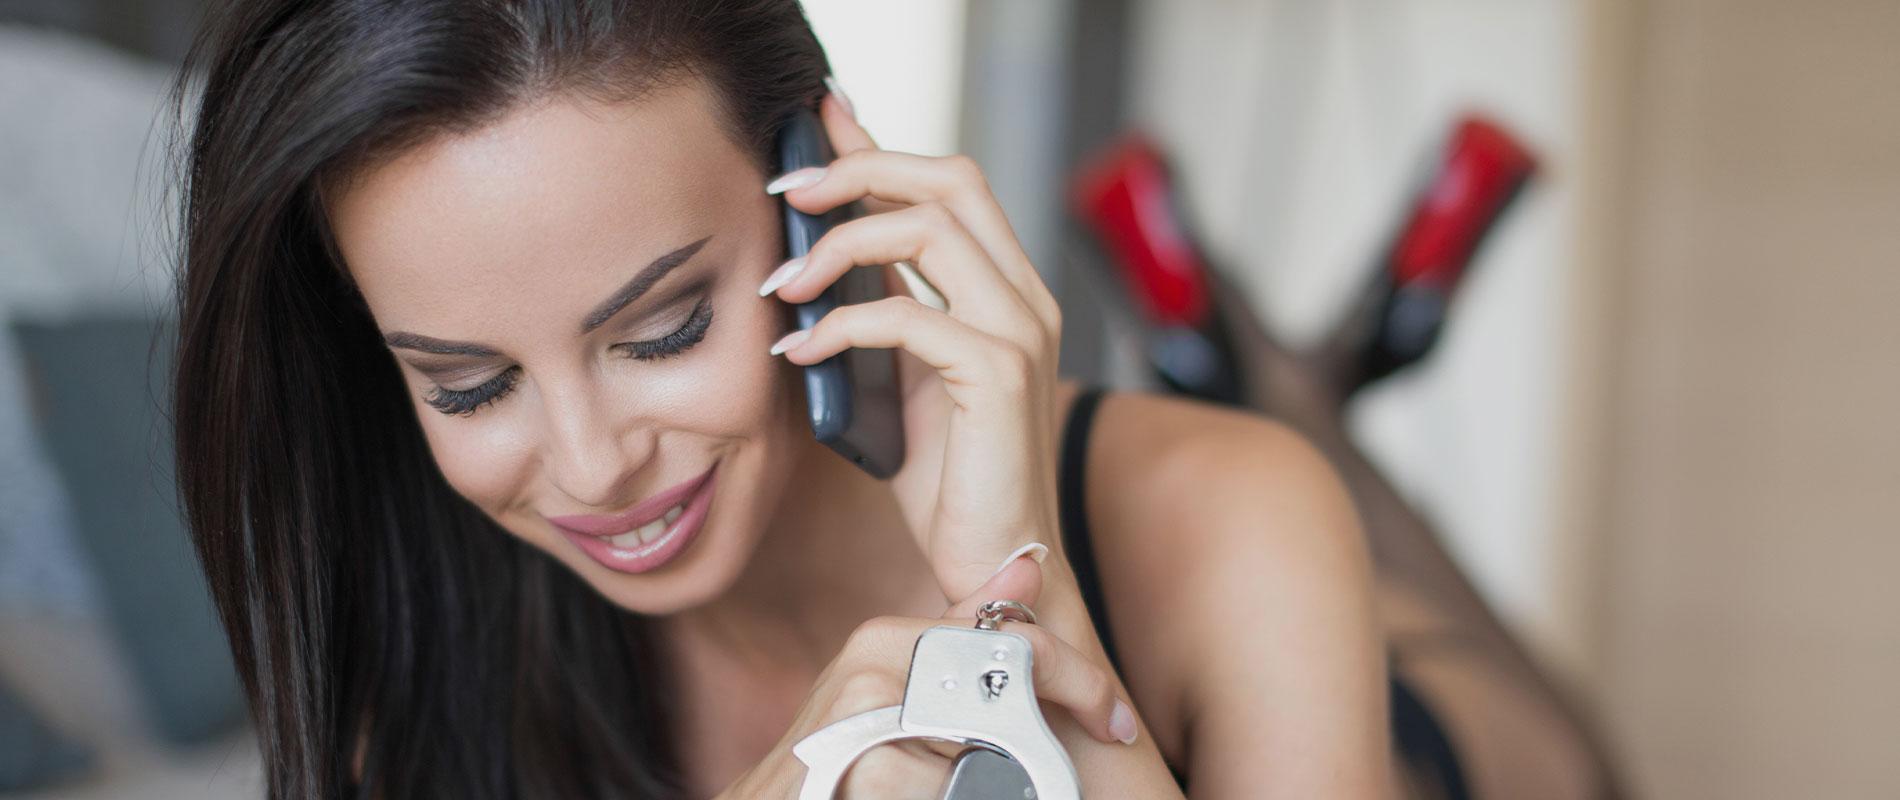 Telefono del sesso